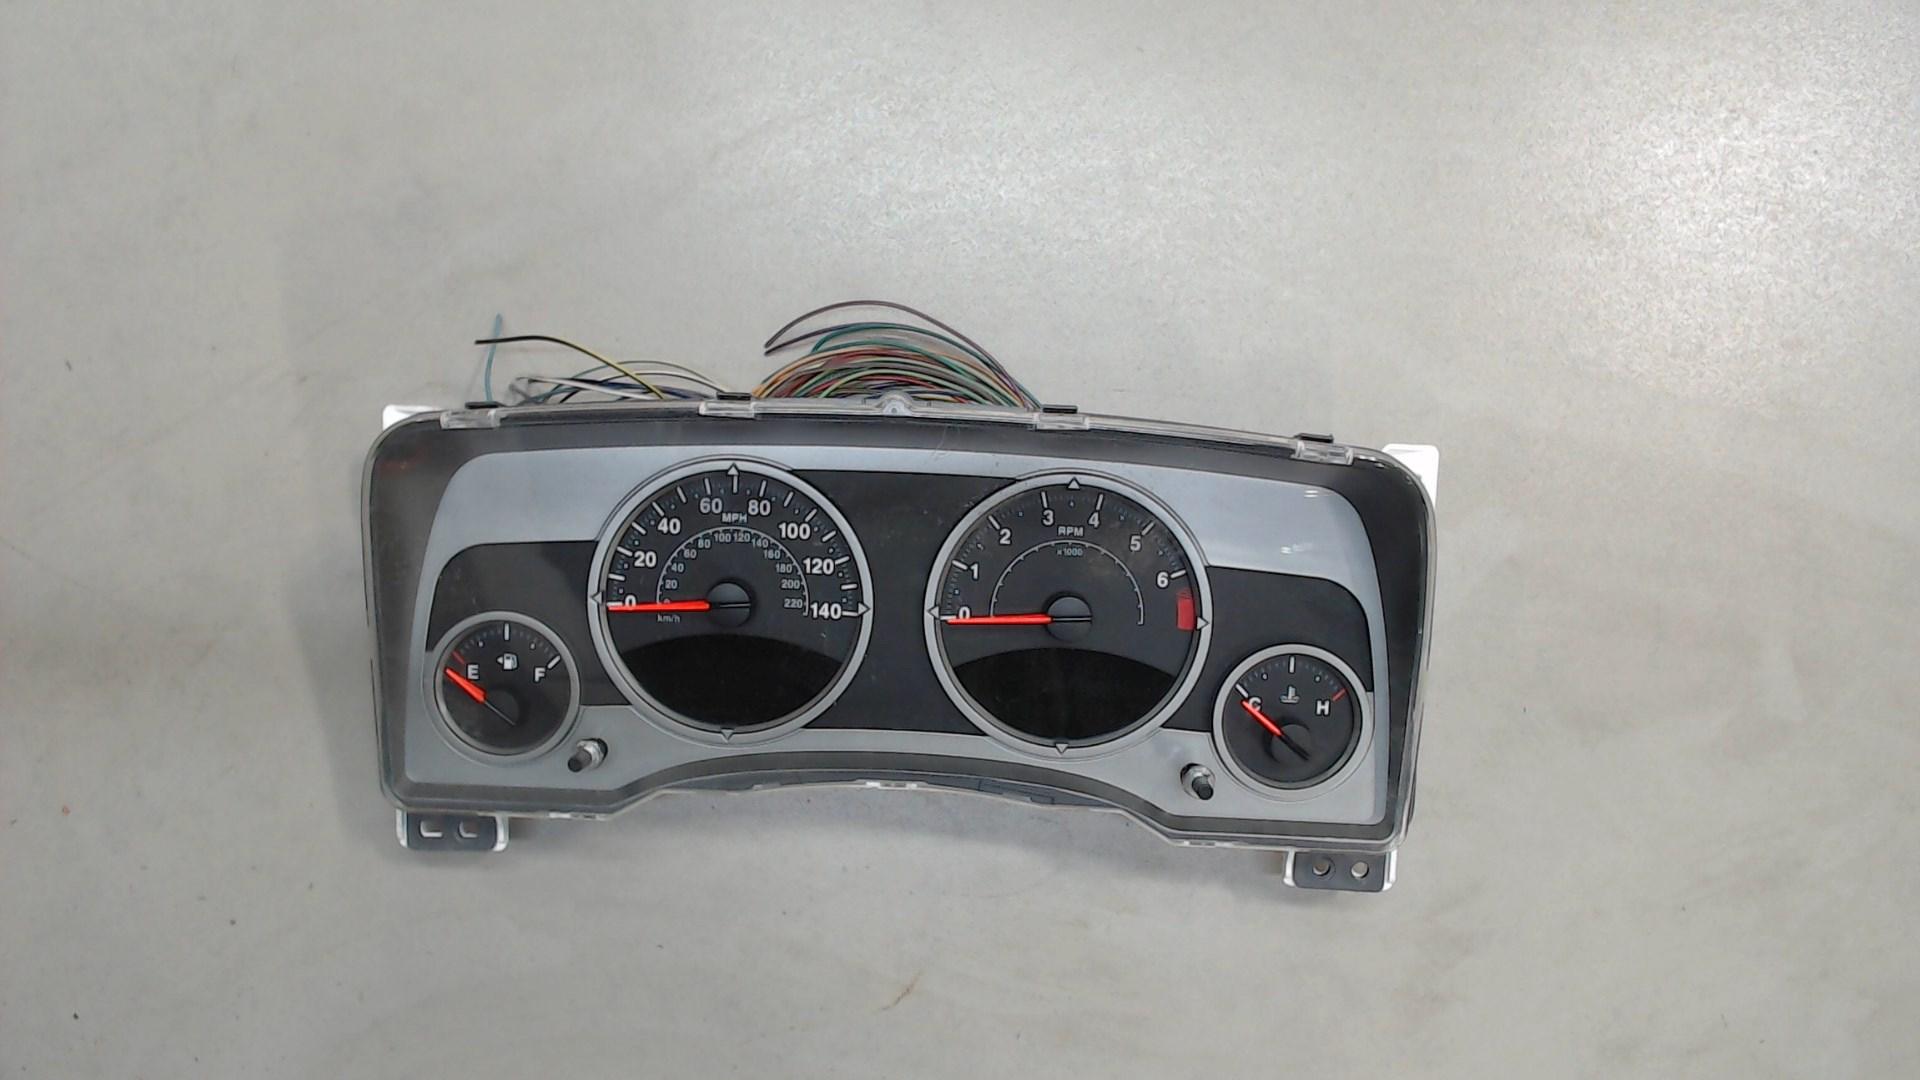 Щиток приборов (приборная панель) - Jeep Patriot (2007-2015)